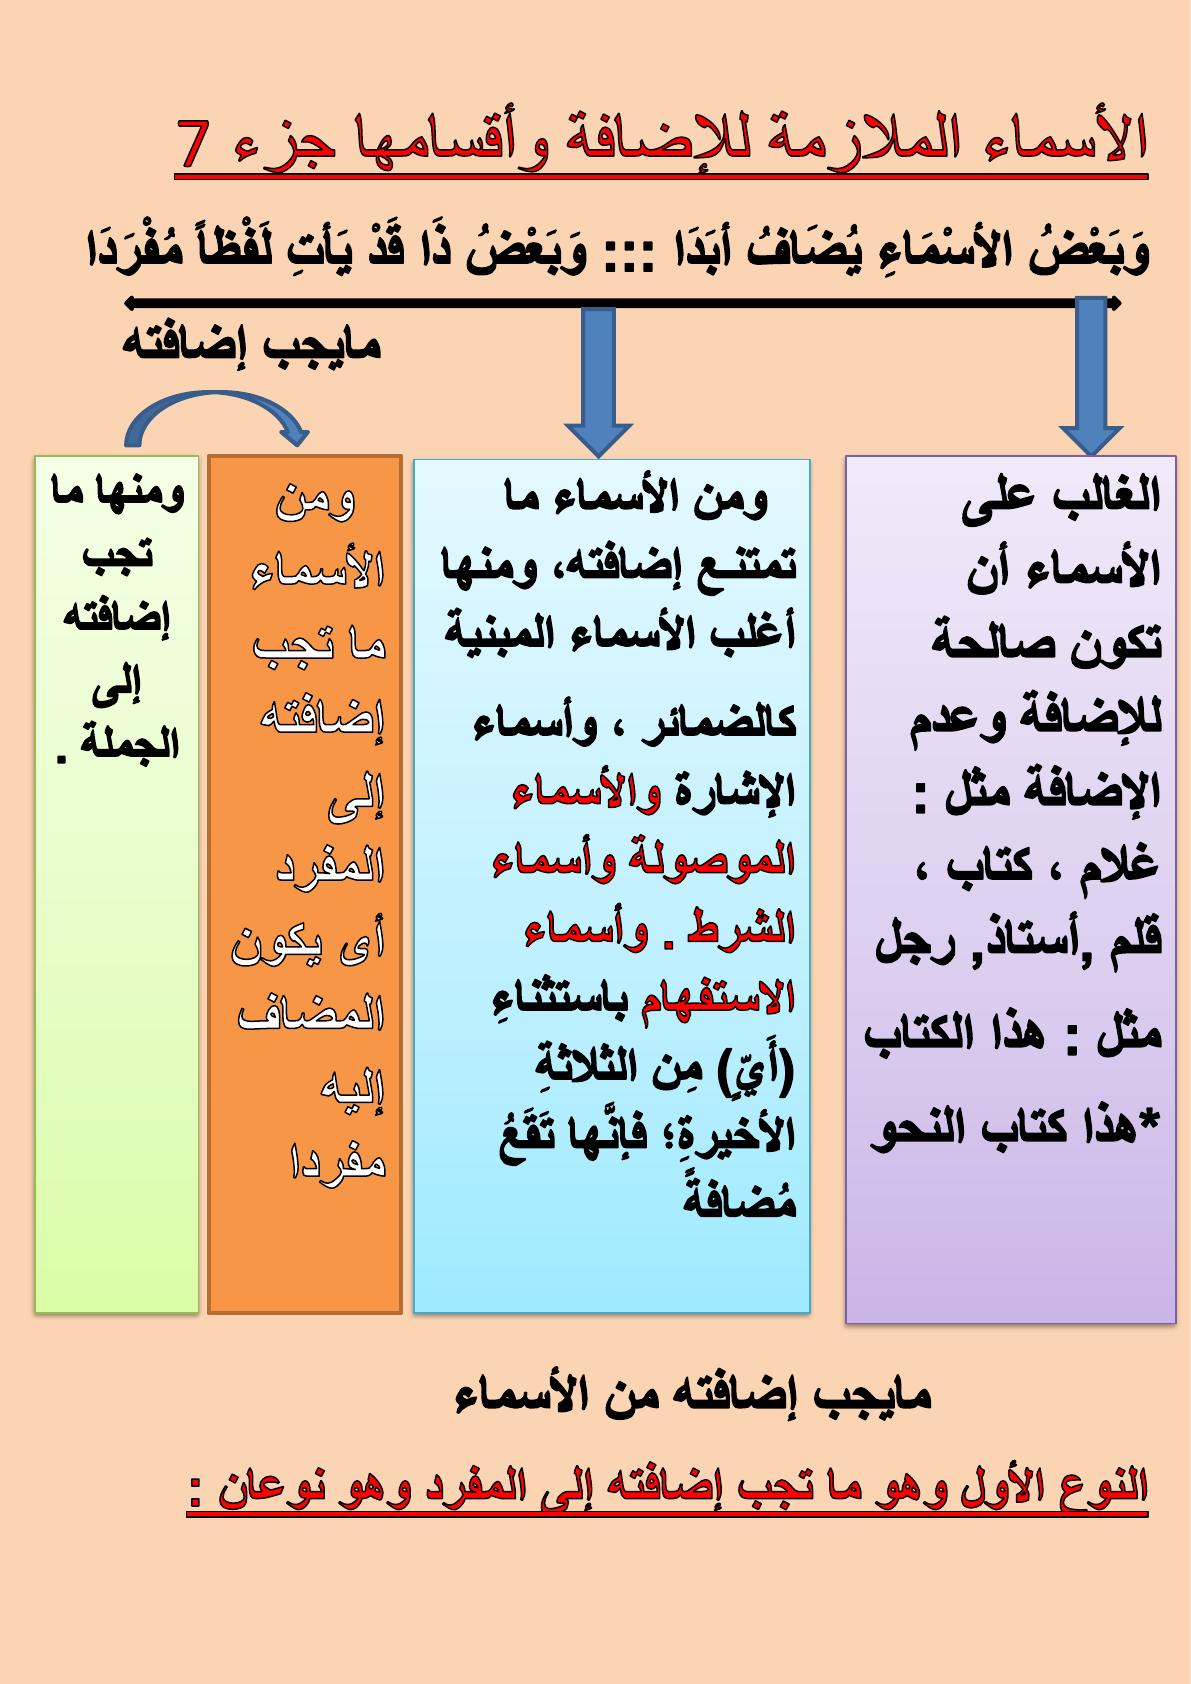 نحو الأسماء الملازمة للإضافة للصف 2 ثانوى أزهر جزء 7 Periodic Table